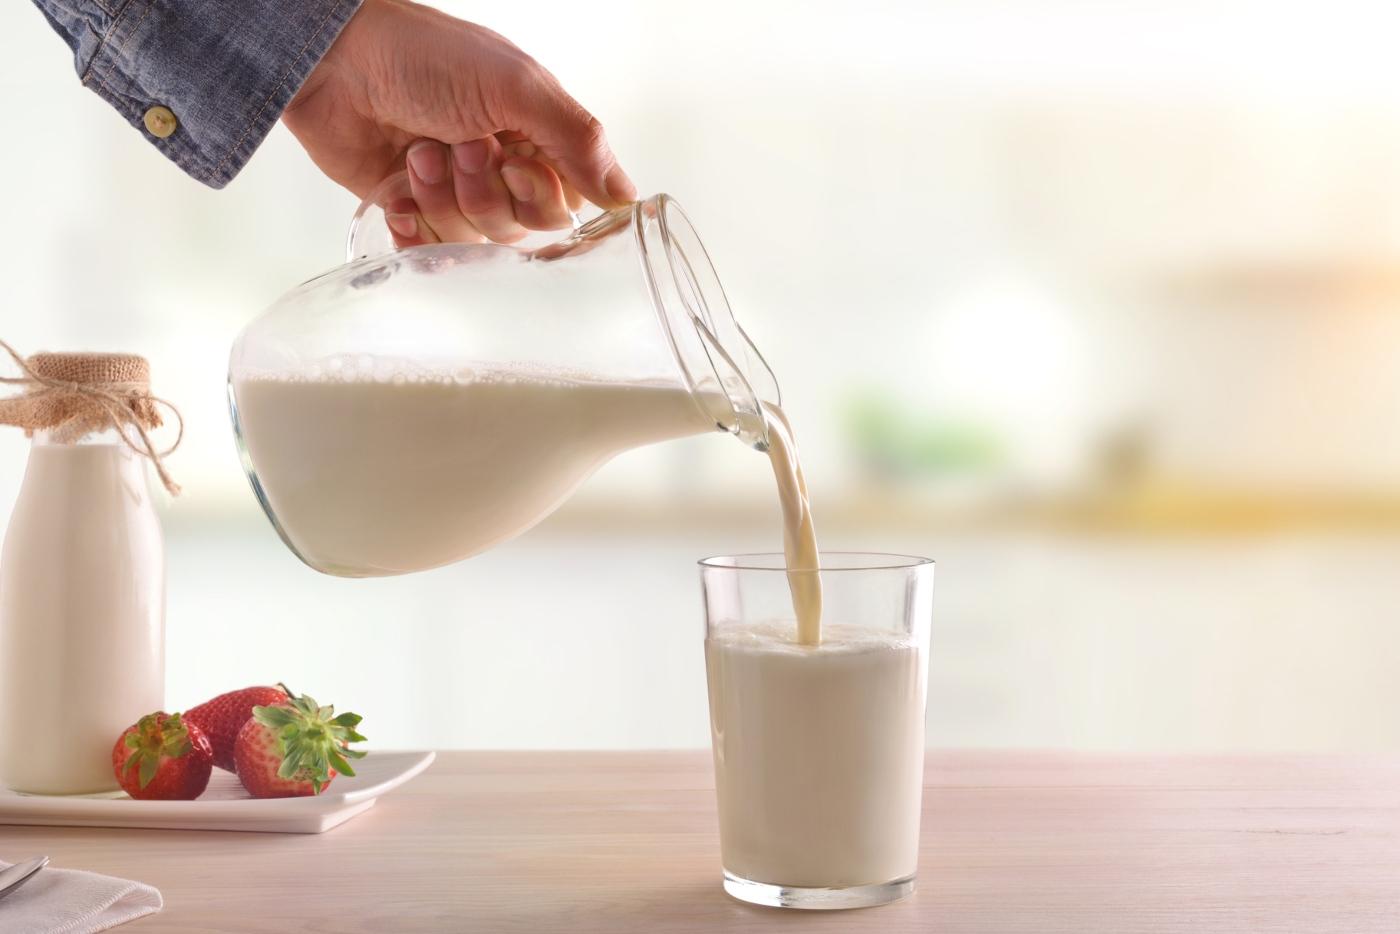 Leite indicado para crianças: leite gordo ou meio-gordo